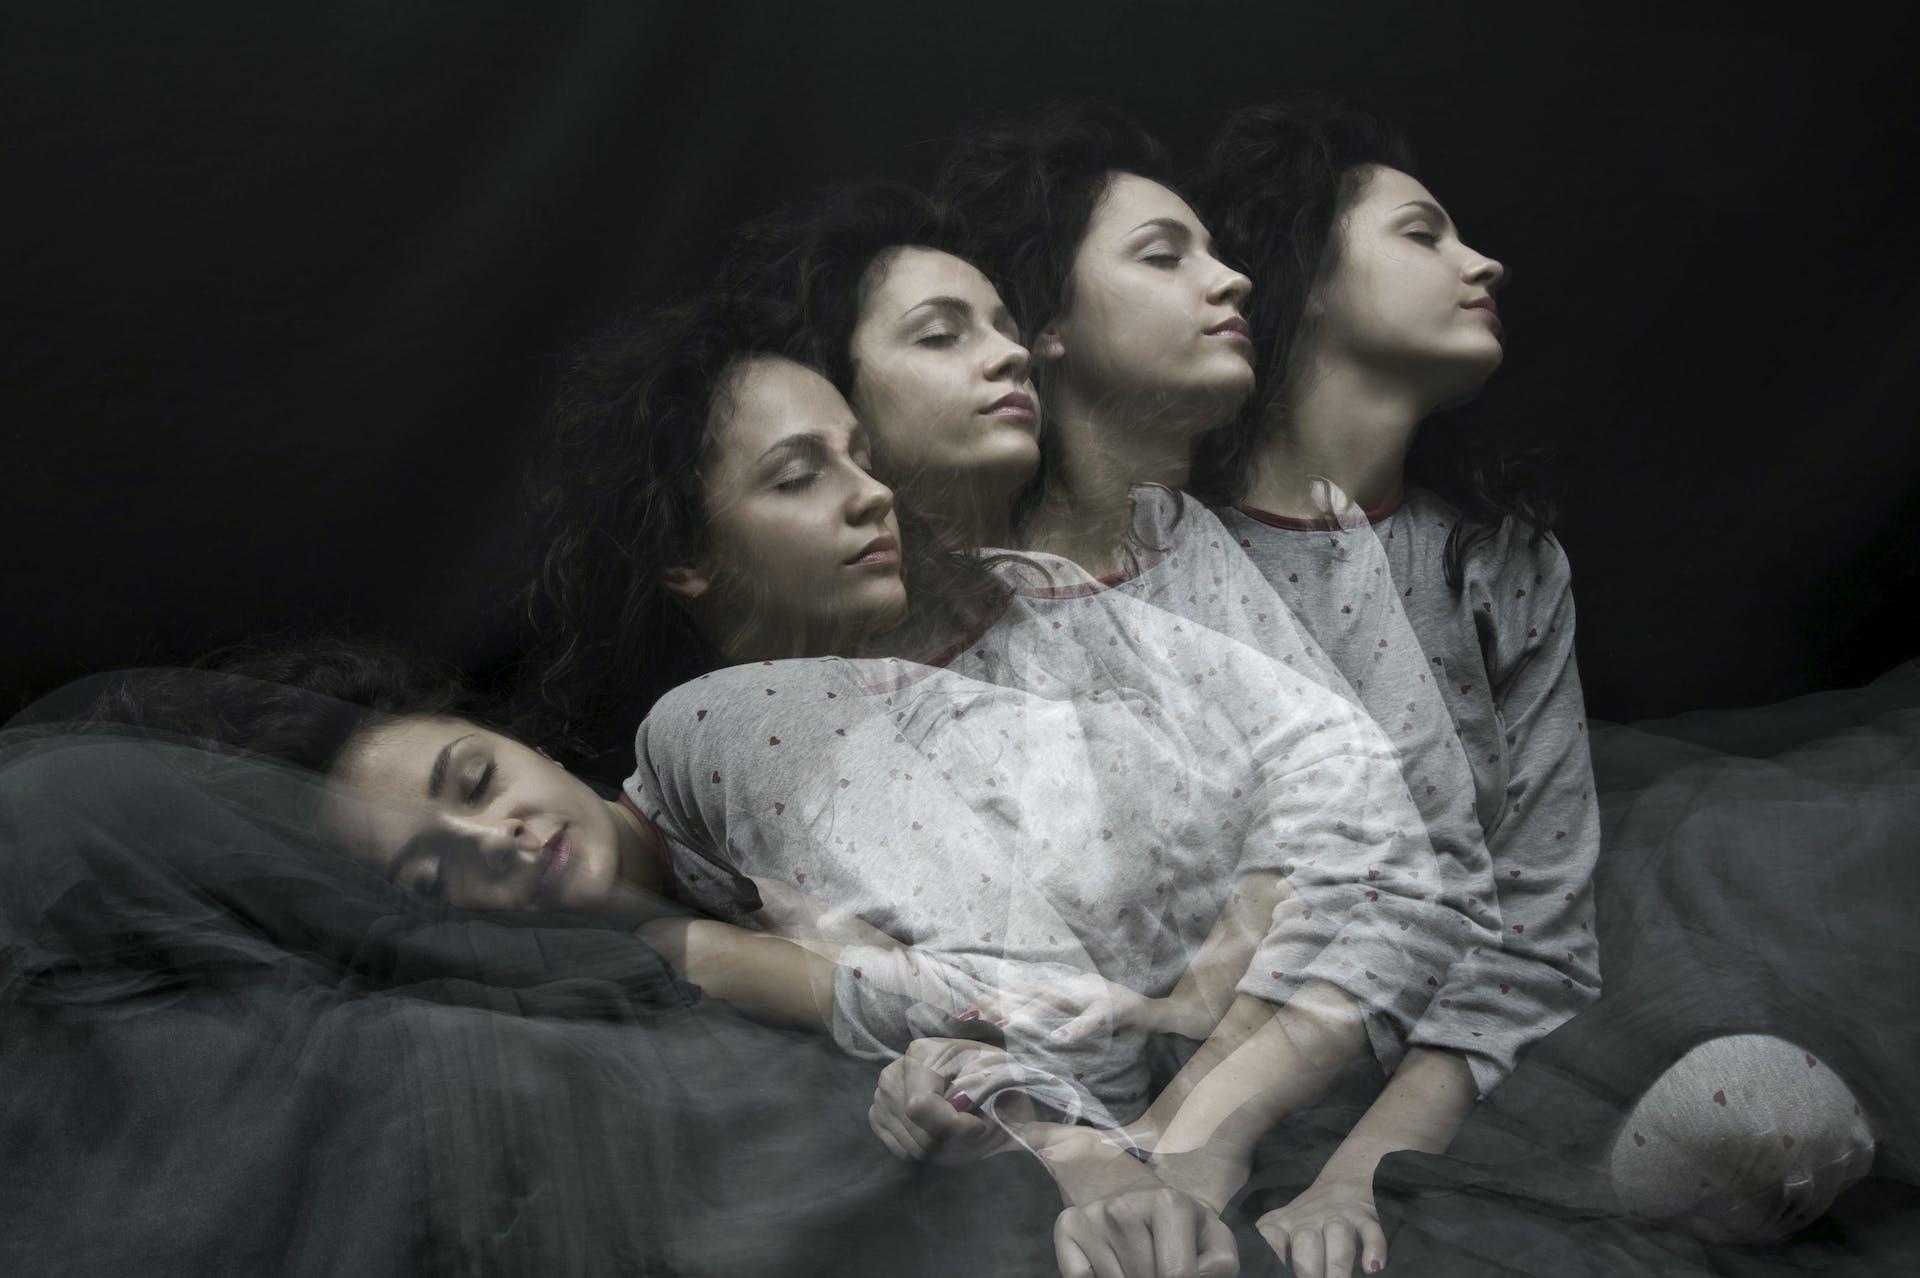 Søvngængeri